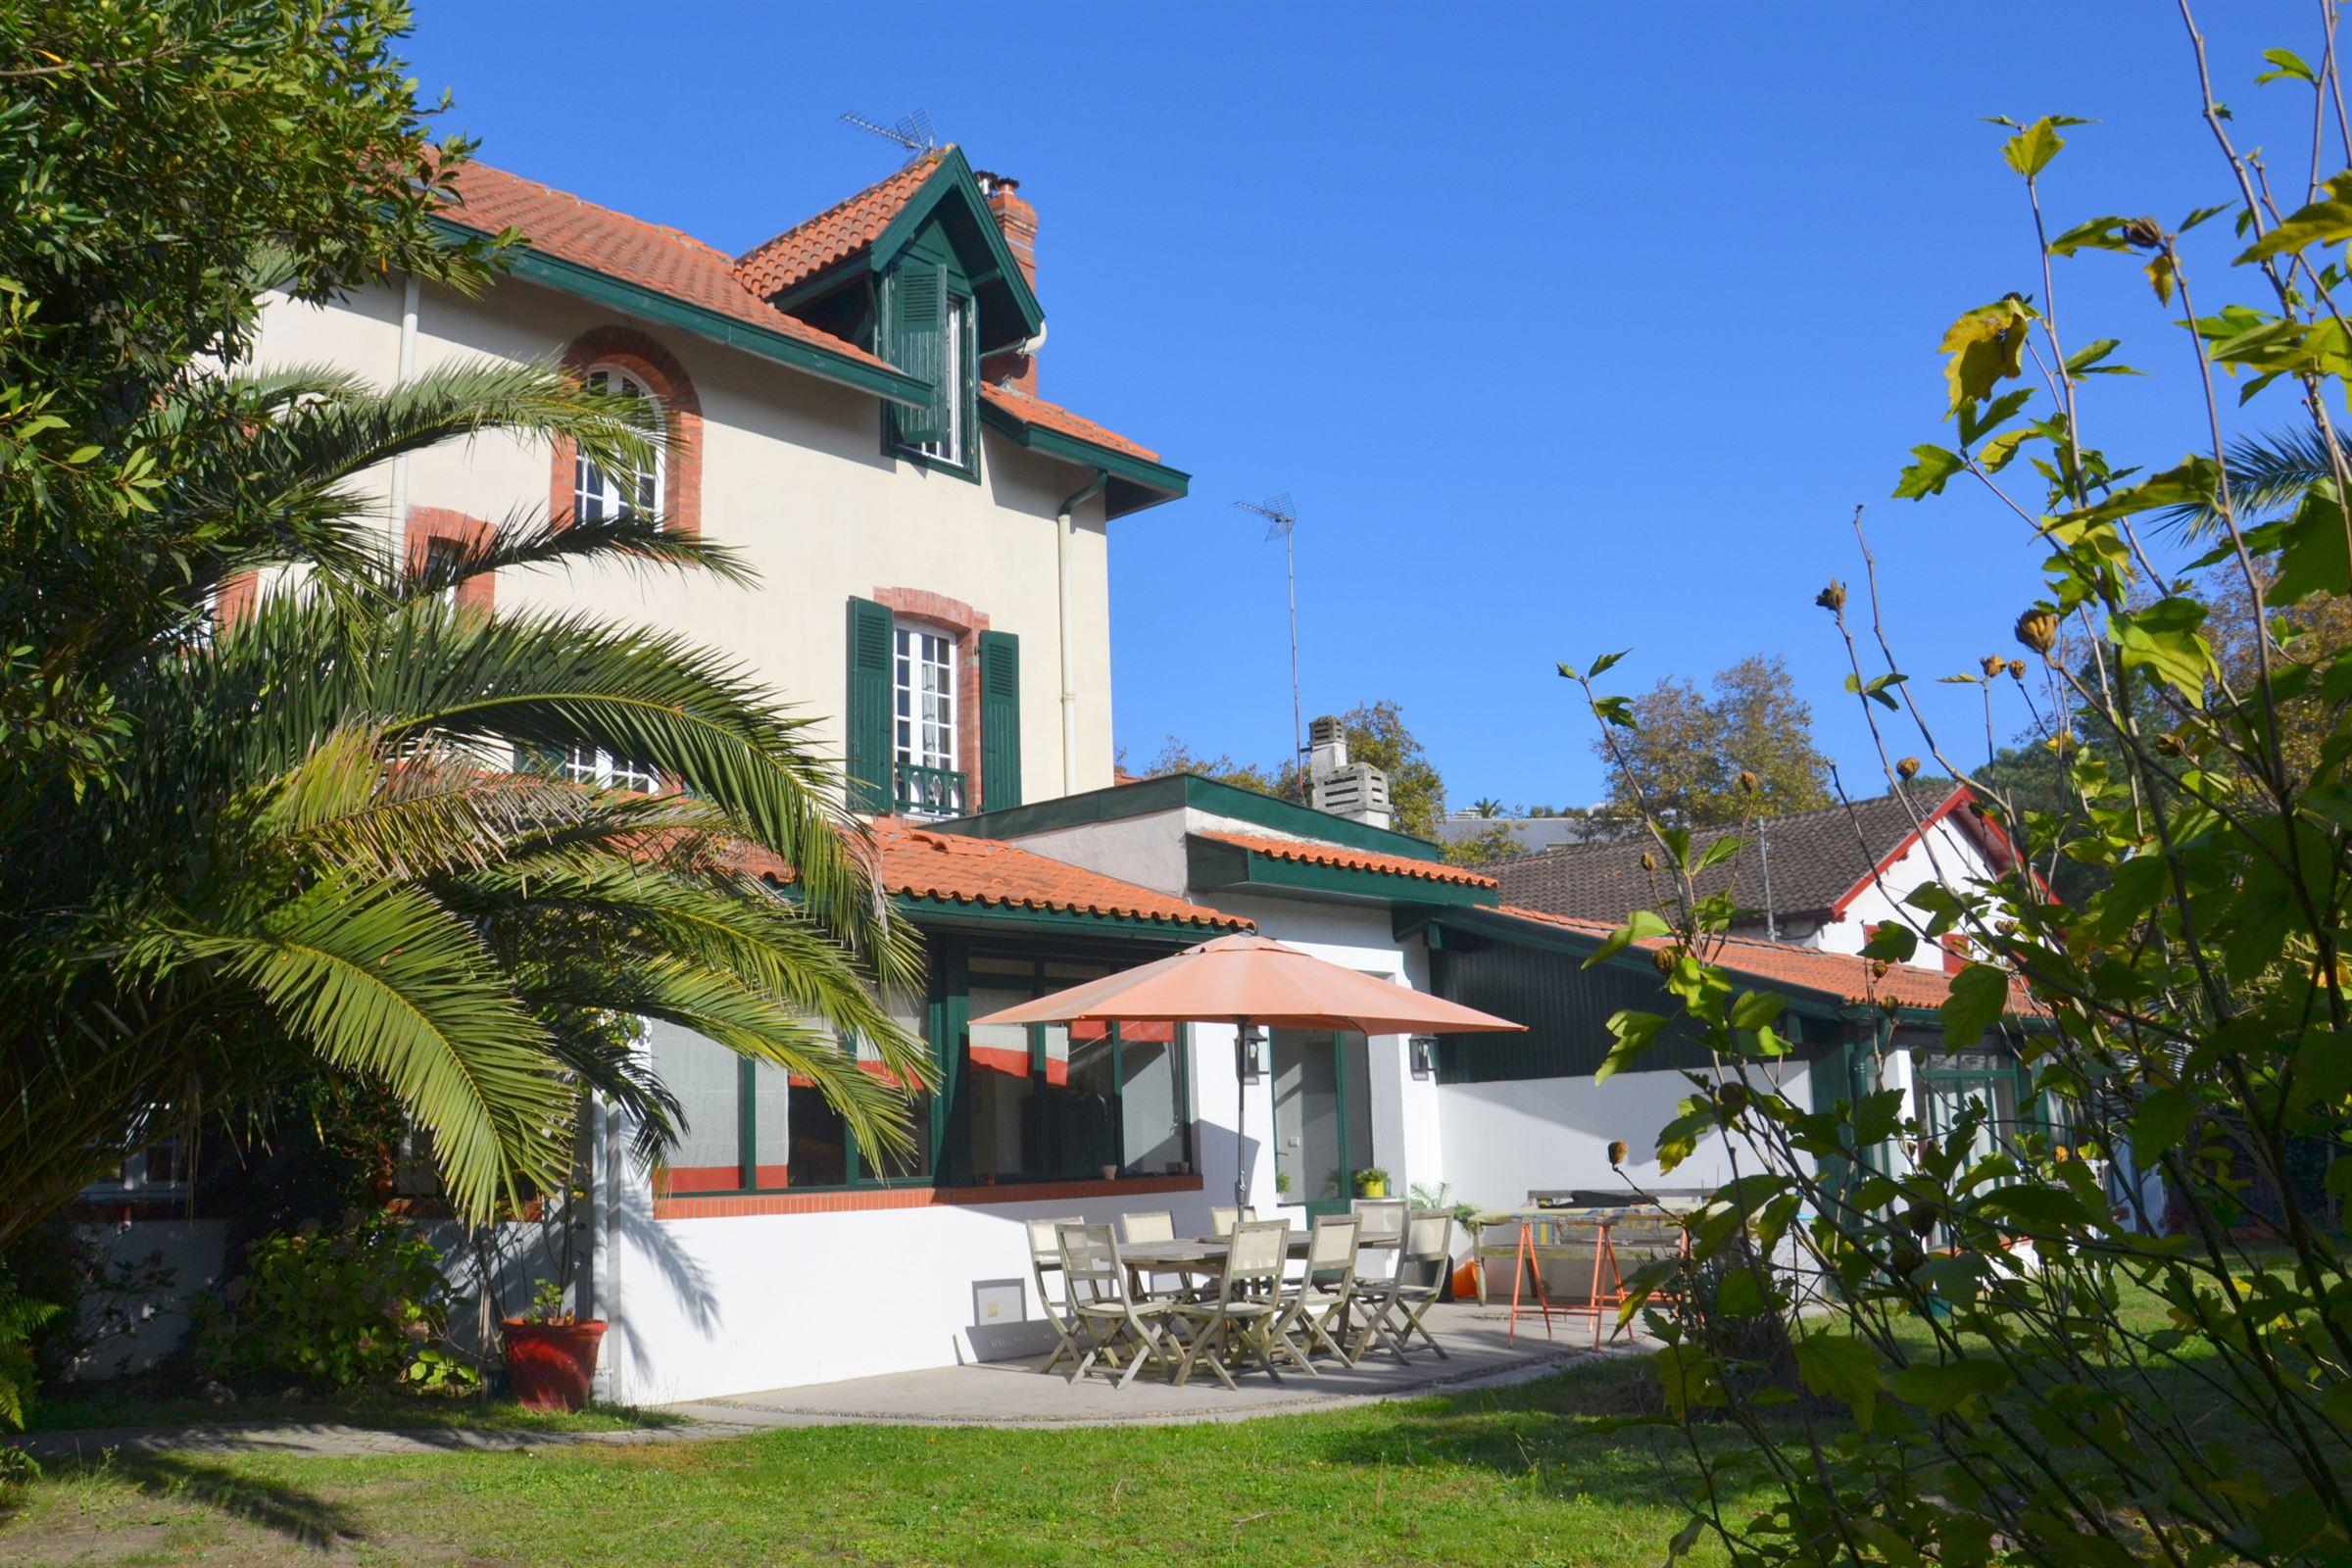 Частный односемейный дом для того Продажа на BIARRITZ ST CHARLES Biarritz, Аквитания, 64200 Франция